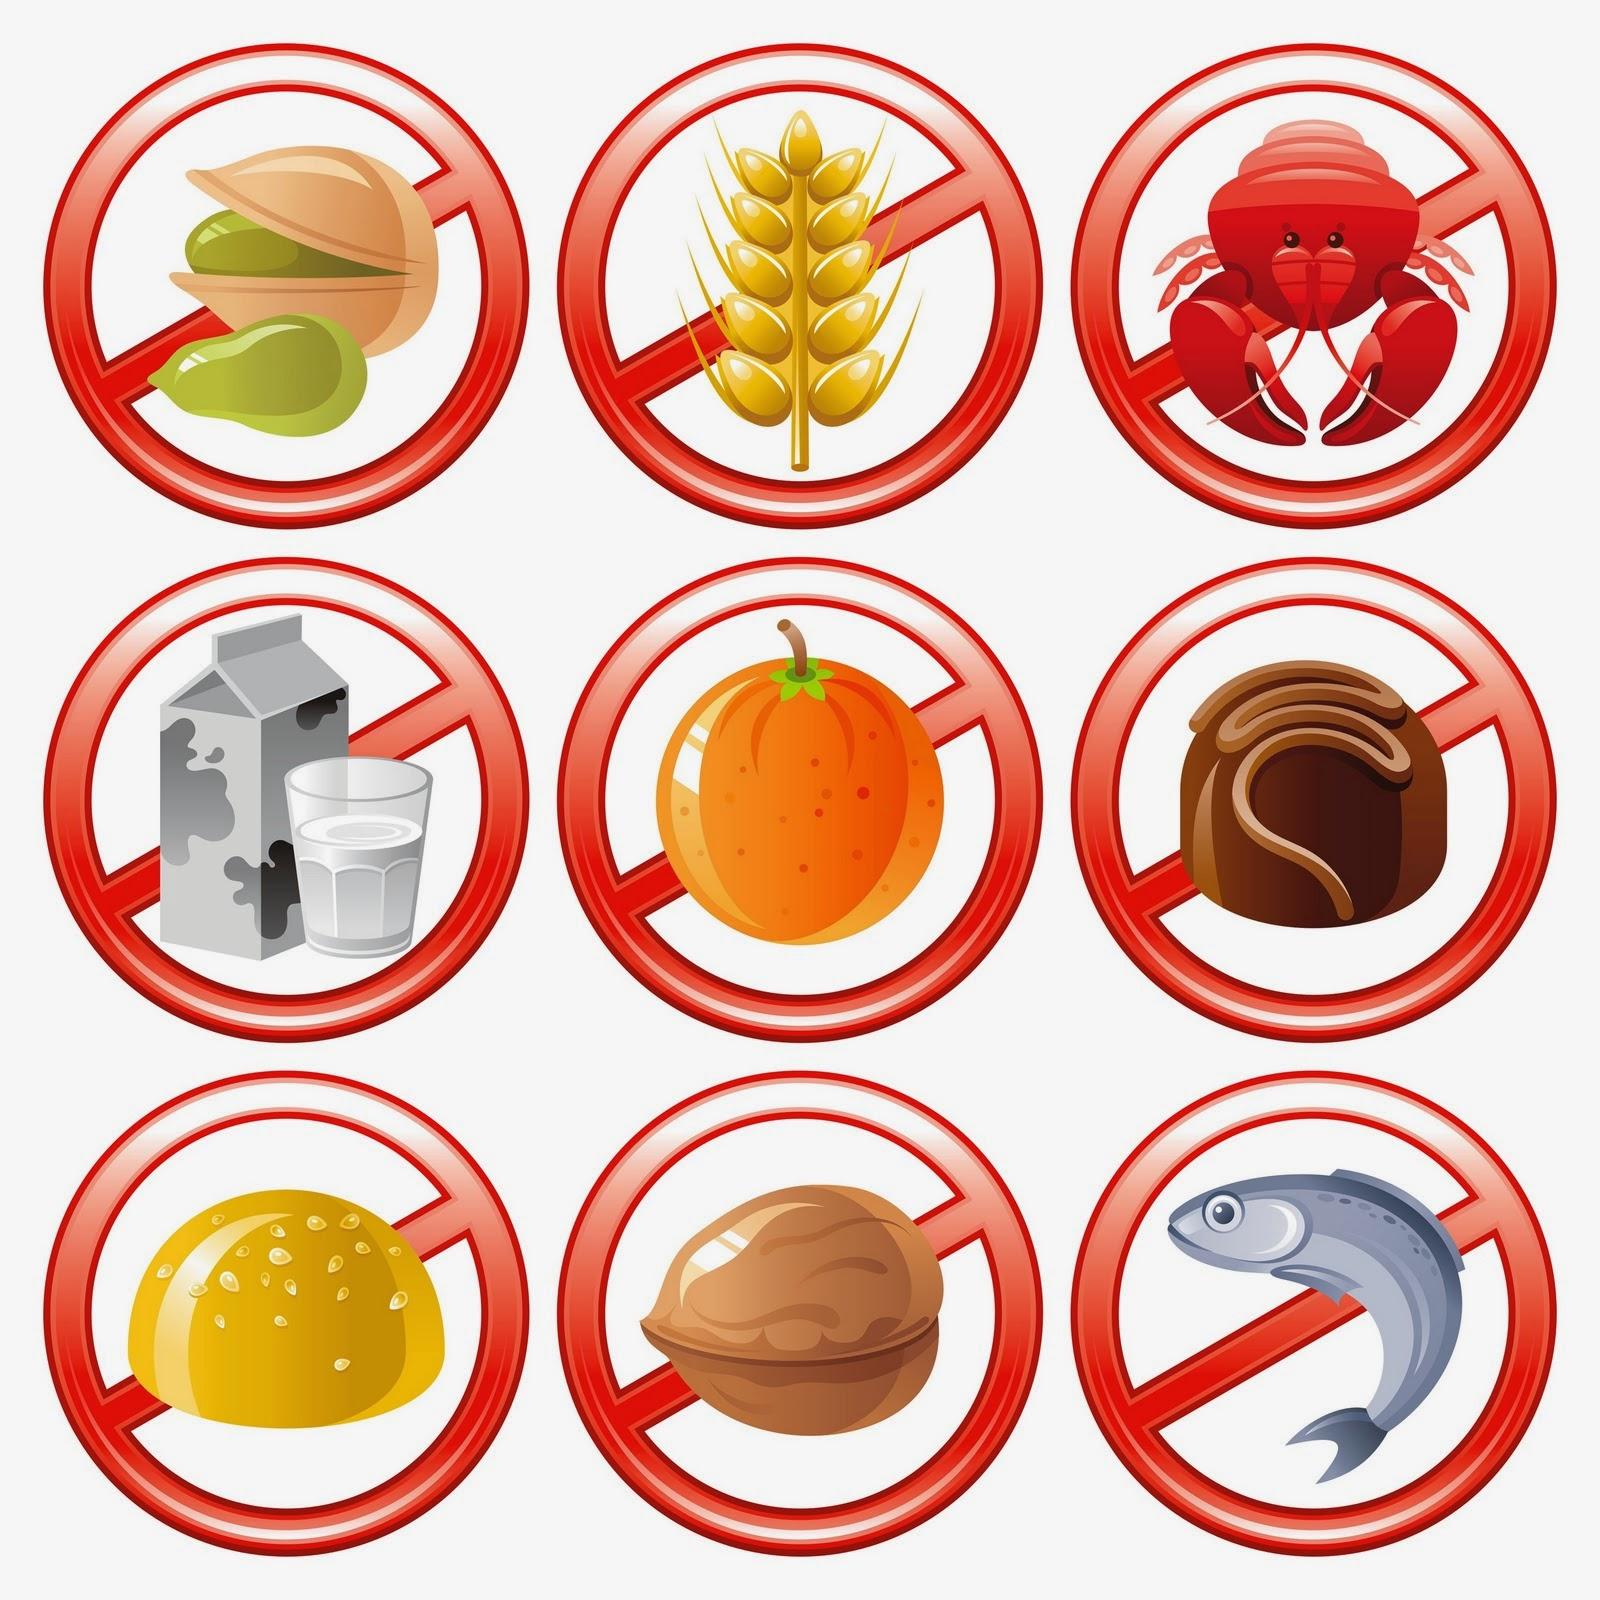 ételintolerancia, hajanalízis, hajszövet elemzés, ételallergia